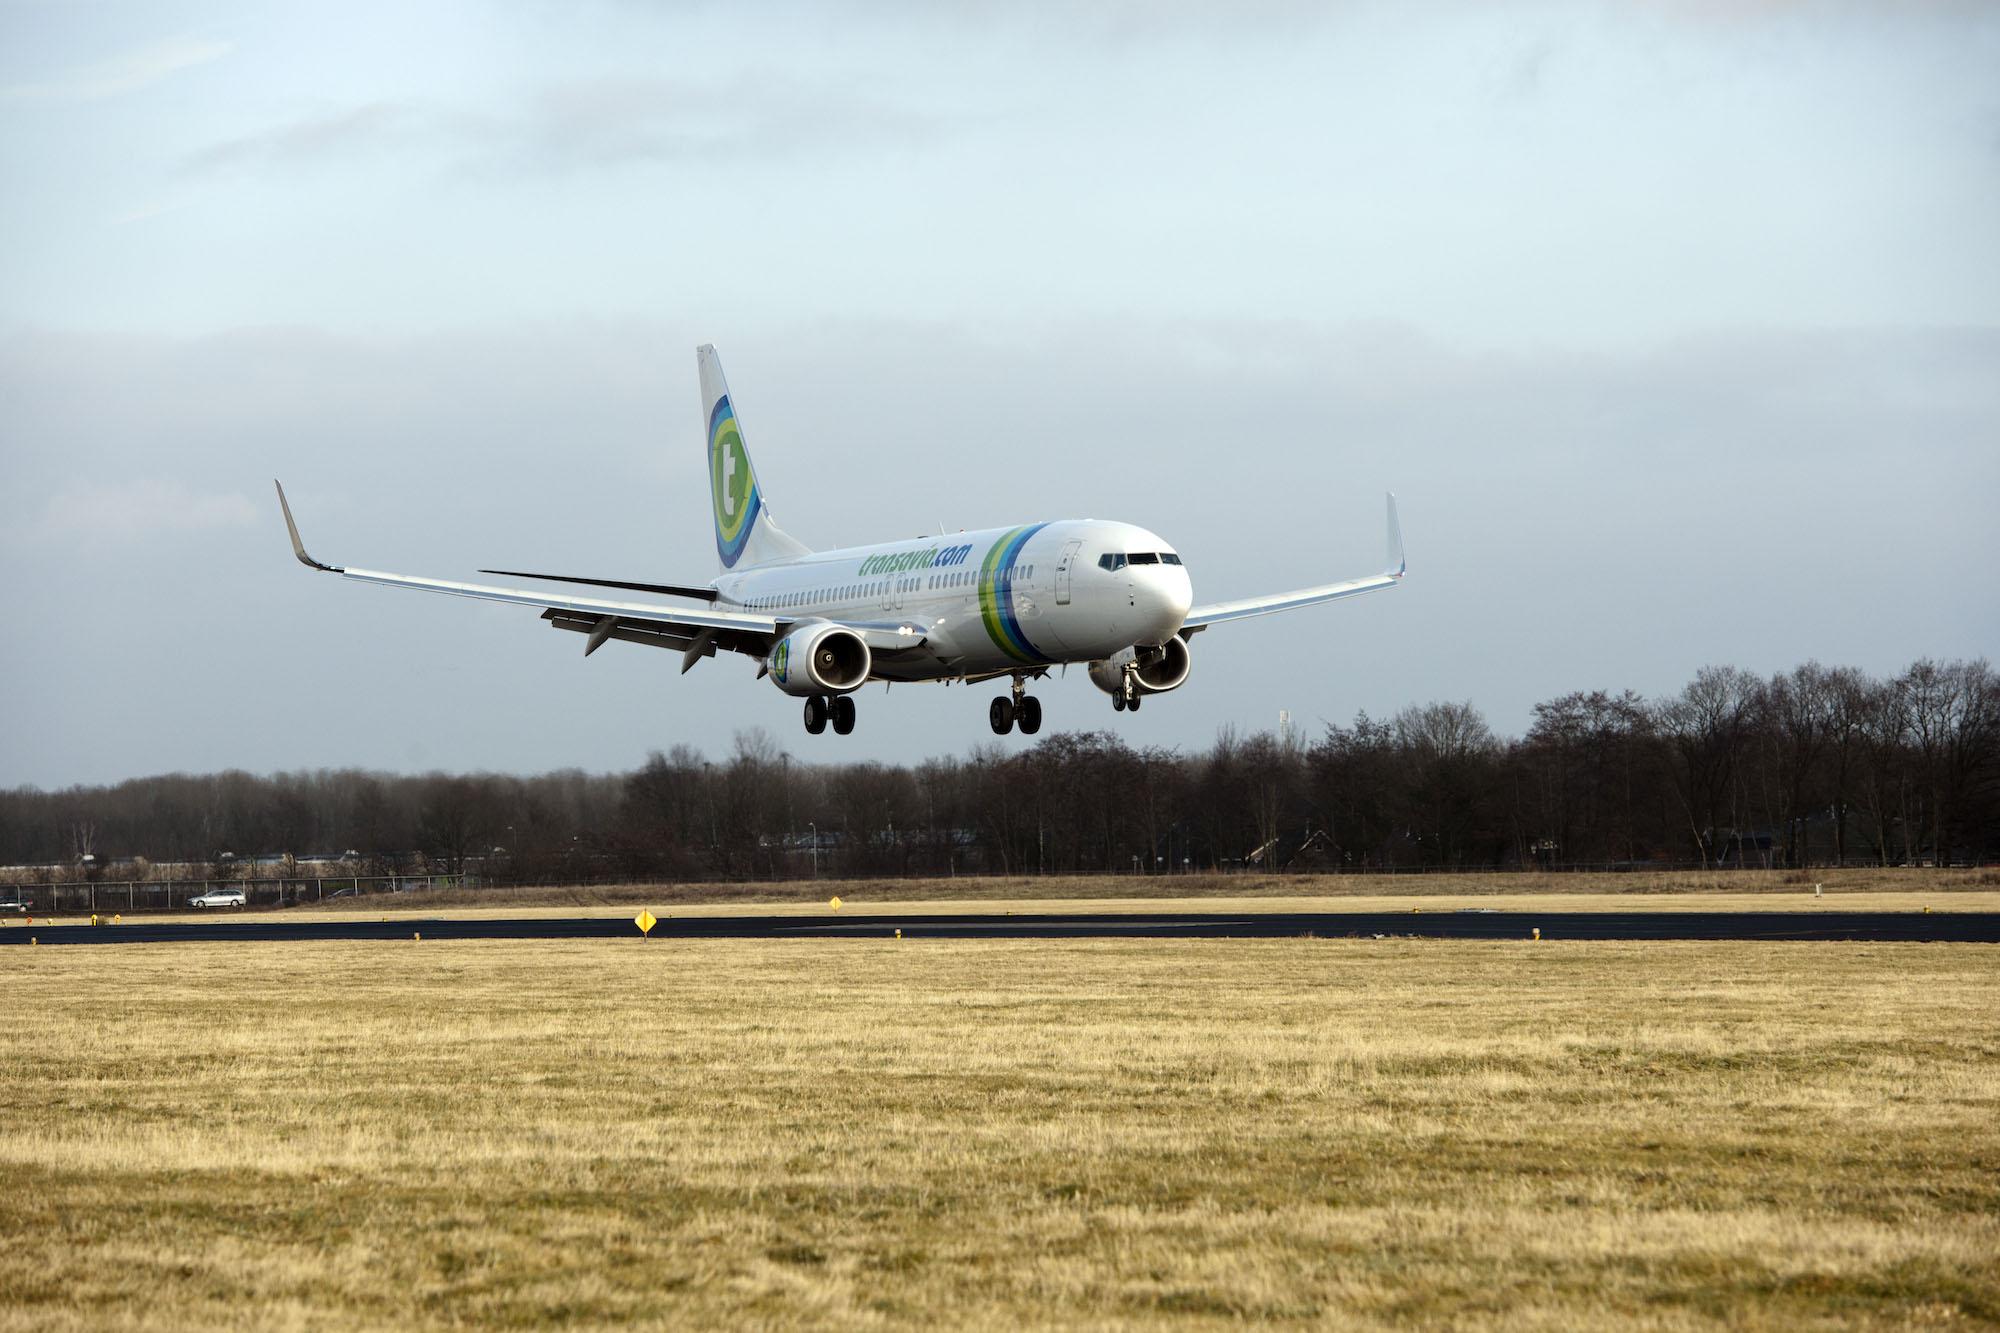 Thumbnail voor Vliegtuig maakt tussenstop om dronken passagier, crew vraagt inzittenden om hulp